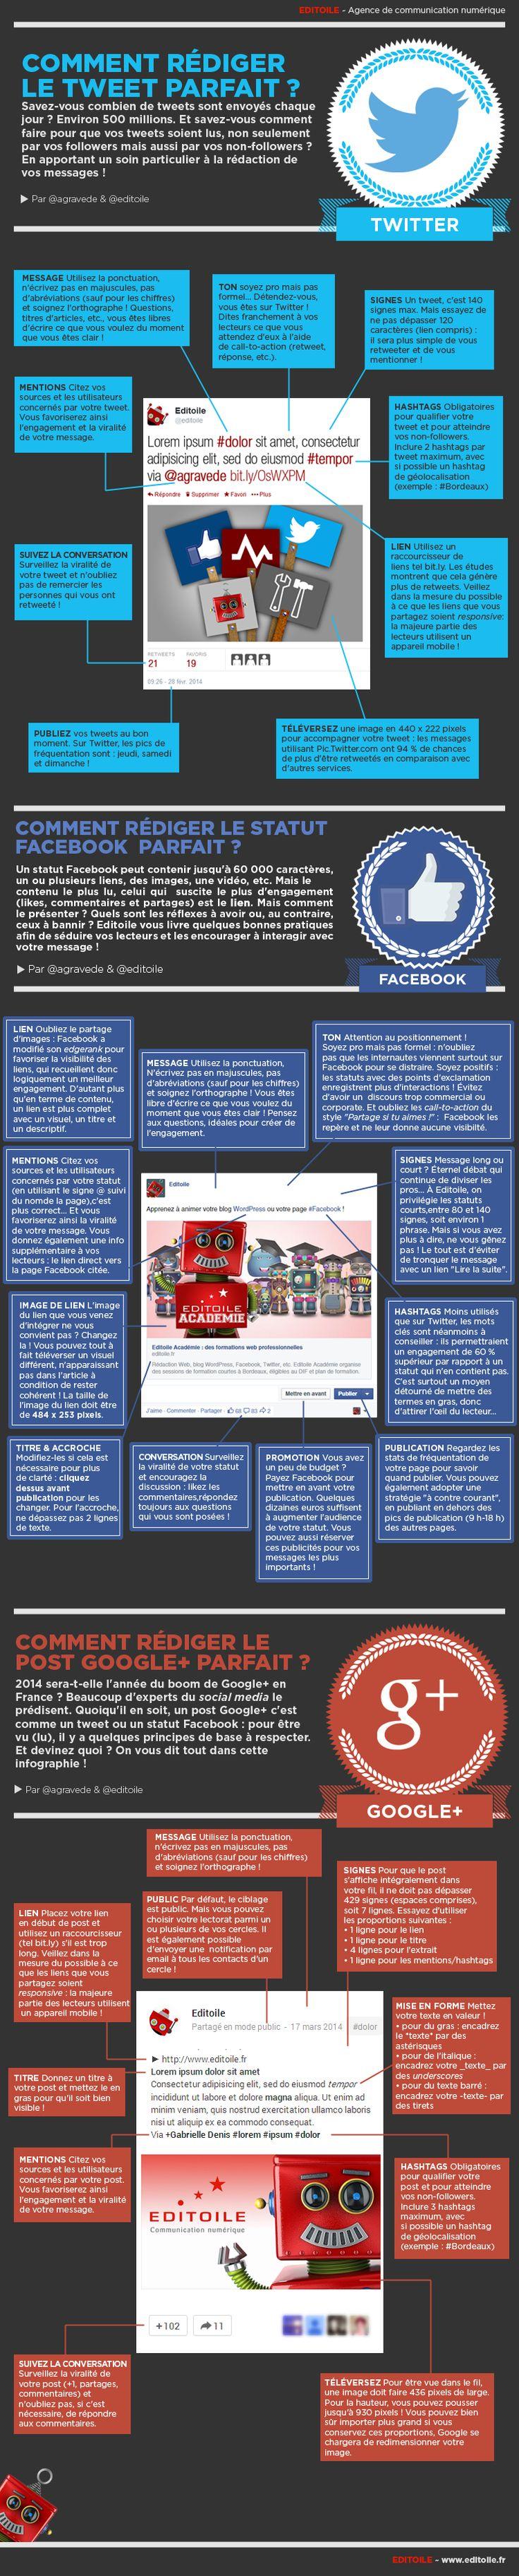 Comment rédiger le post parfait sur Twitter, Facebook et Google+ ? [infographie]   Info Magazine